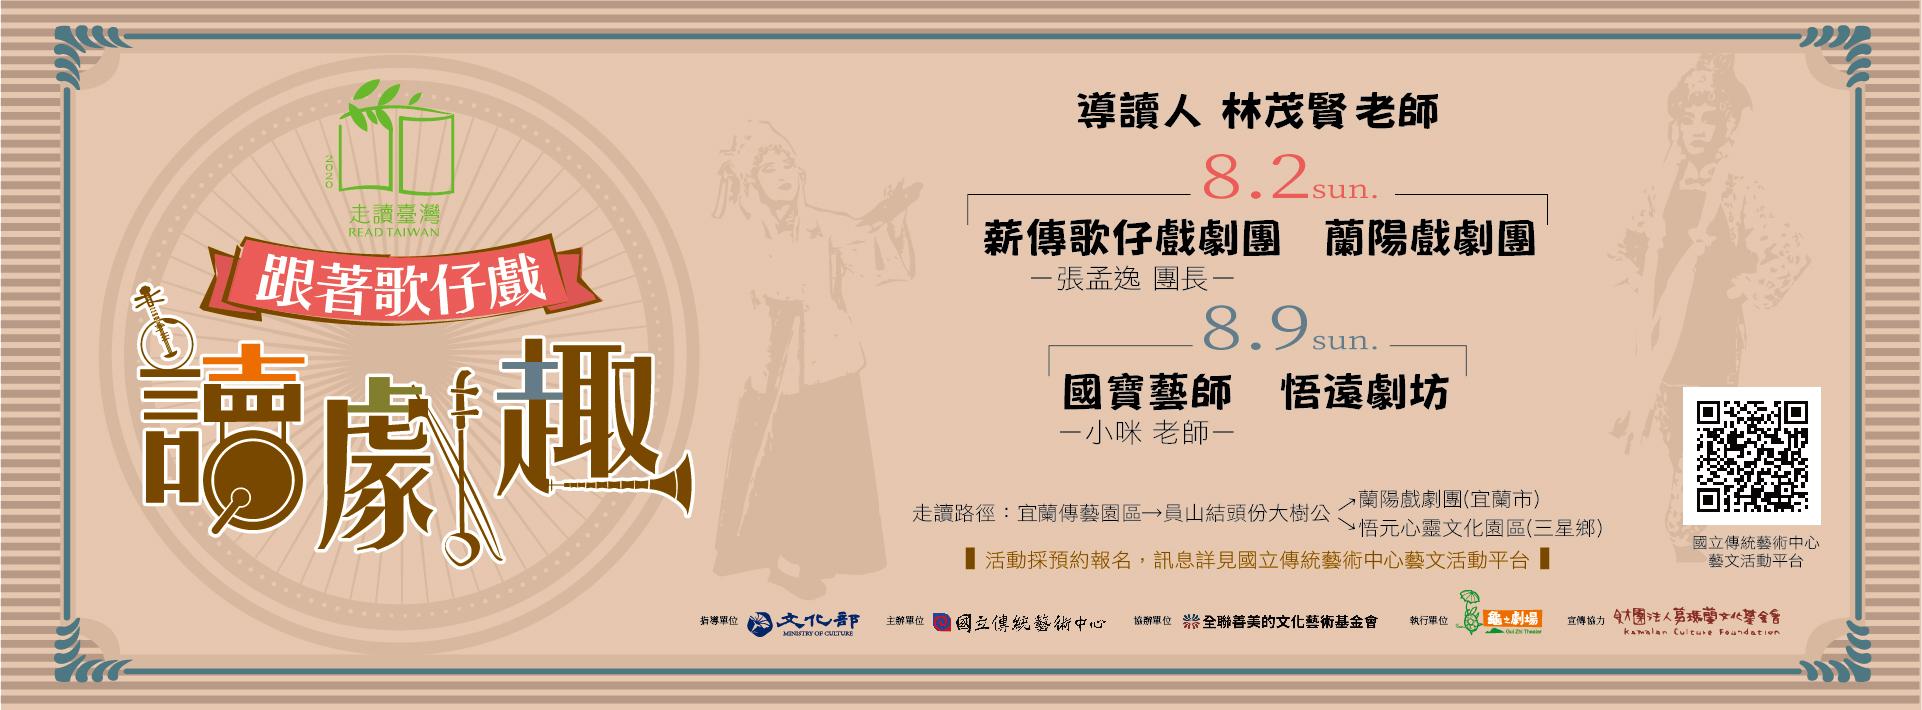 109年世界閱讀日系列活動「走讀臺灣-跟著歌仔戲讀劇趣」「新しいウィンドウを開く」